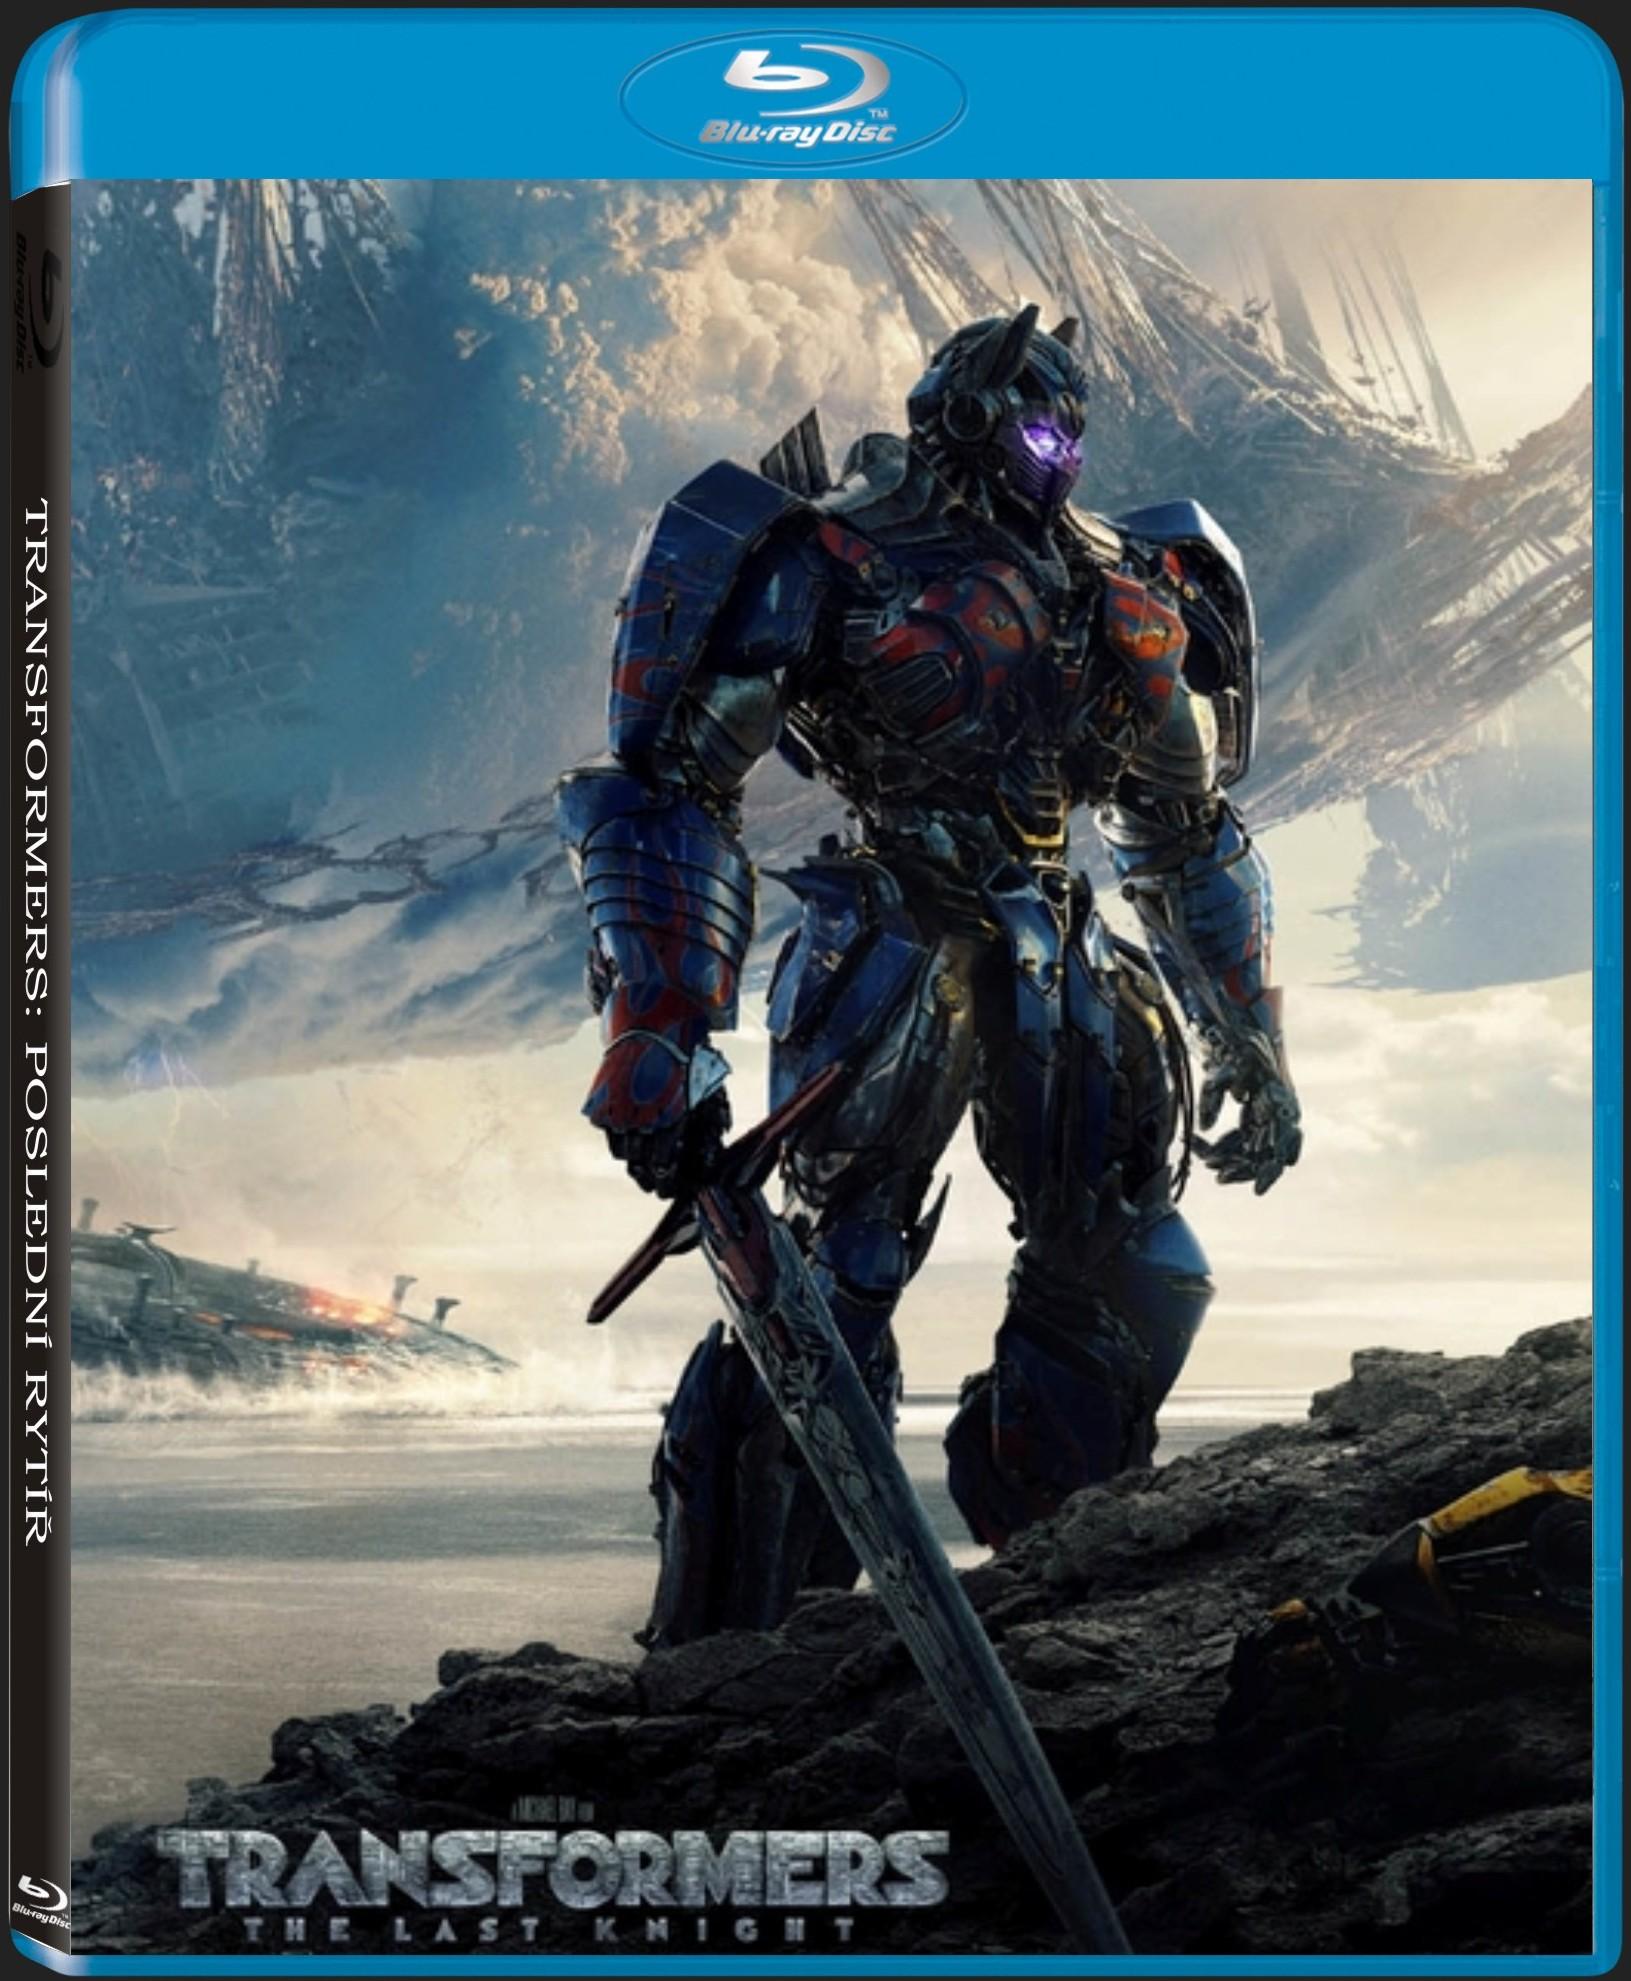 TRANSFORMERS: POSLEDNÍ RYTÍŘ - Blu-ray